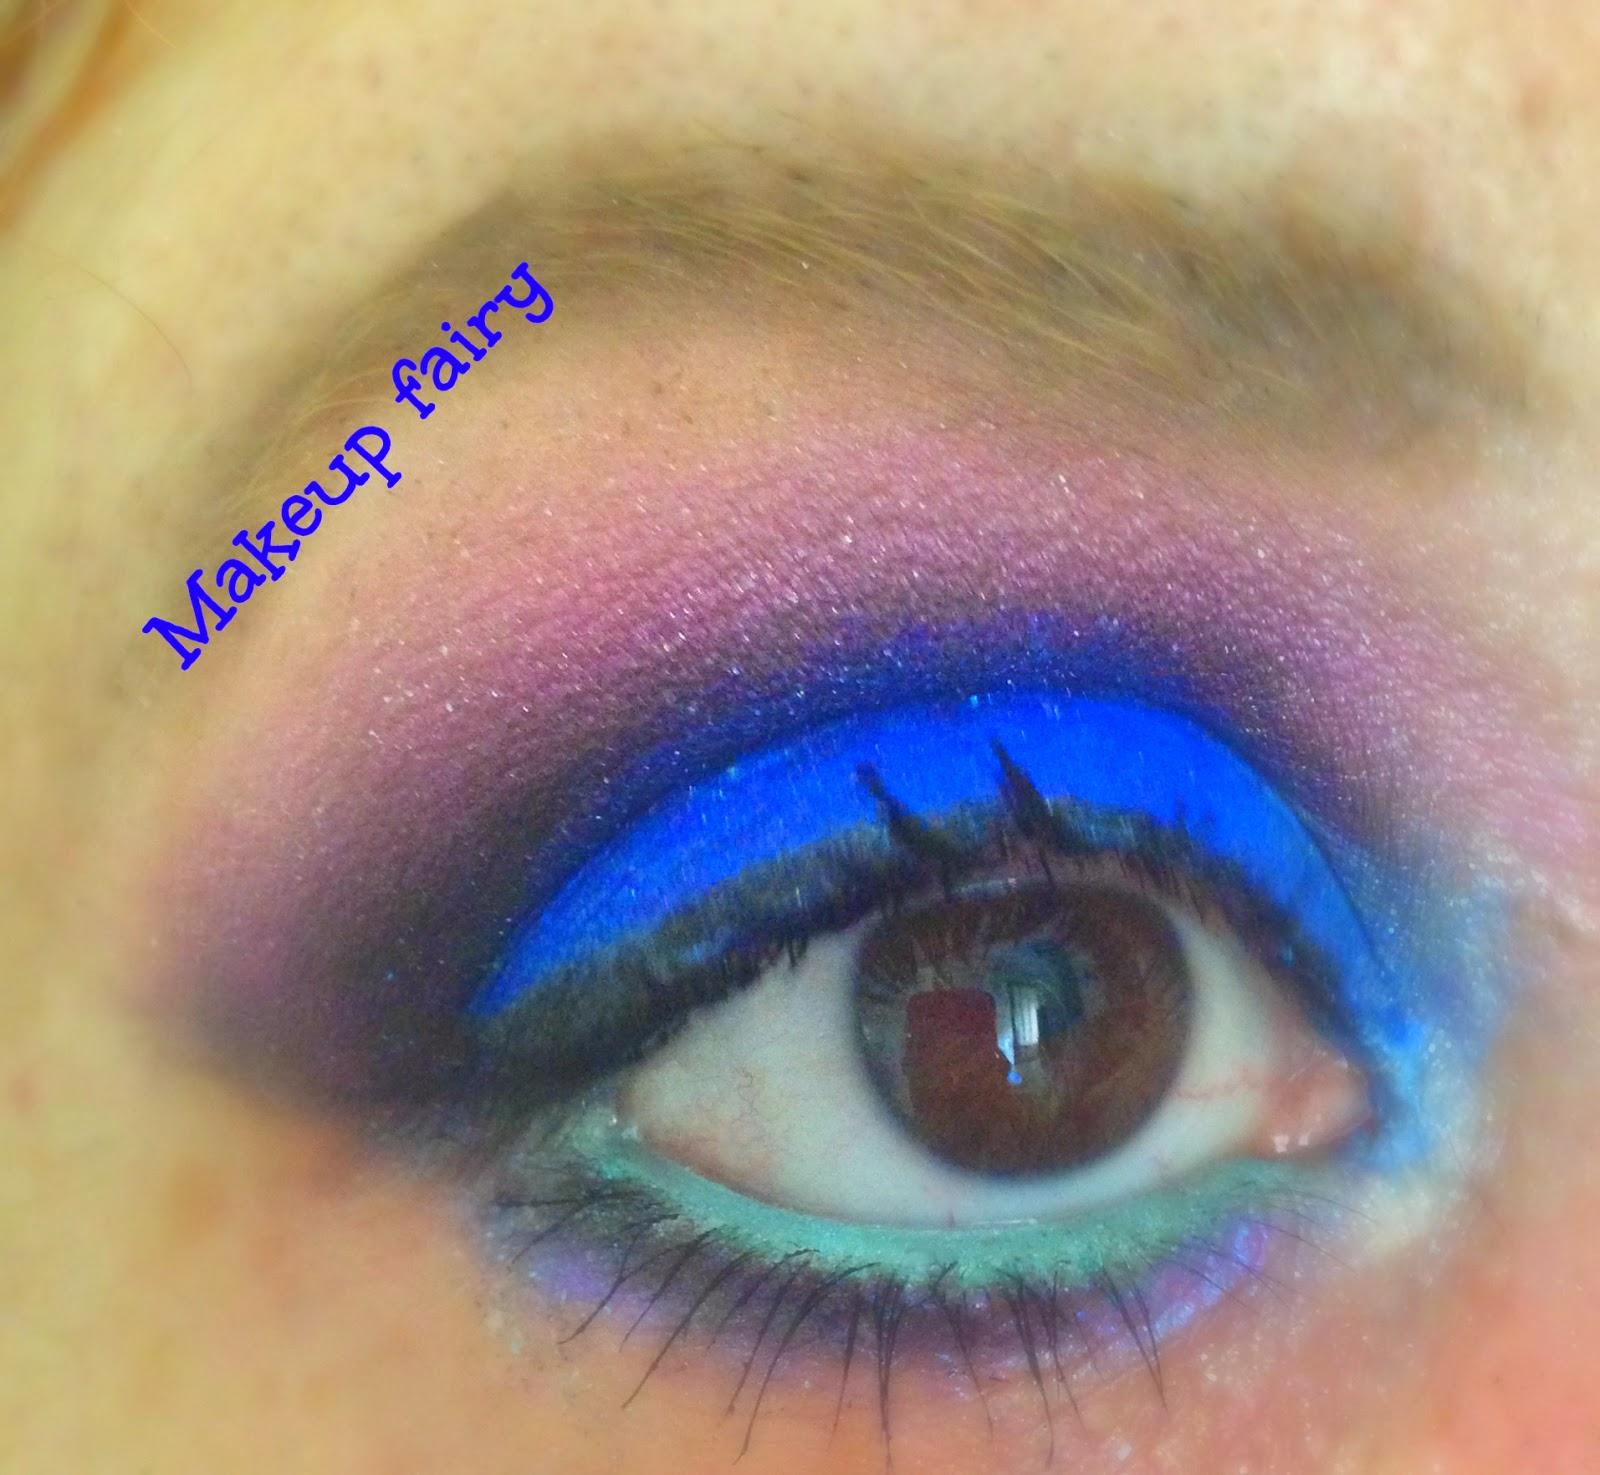 Royal blue eye makeup